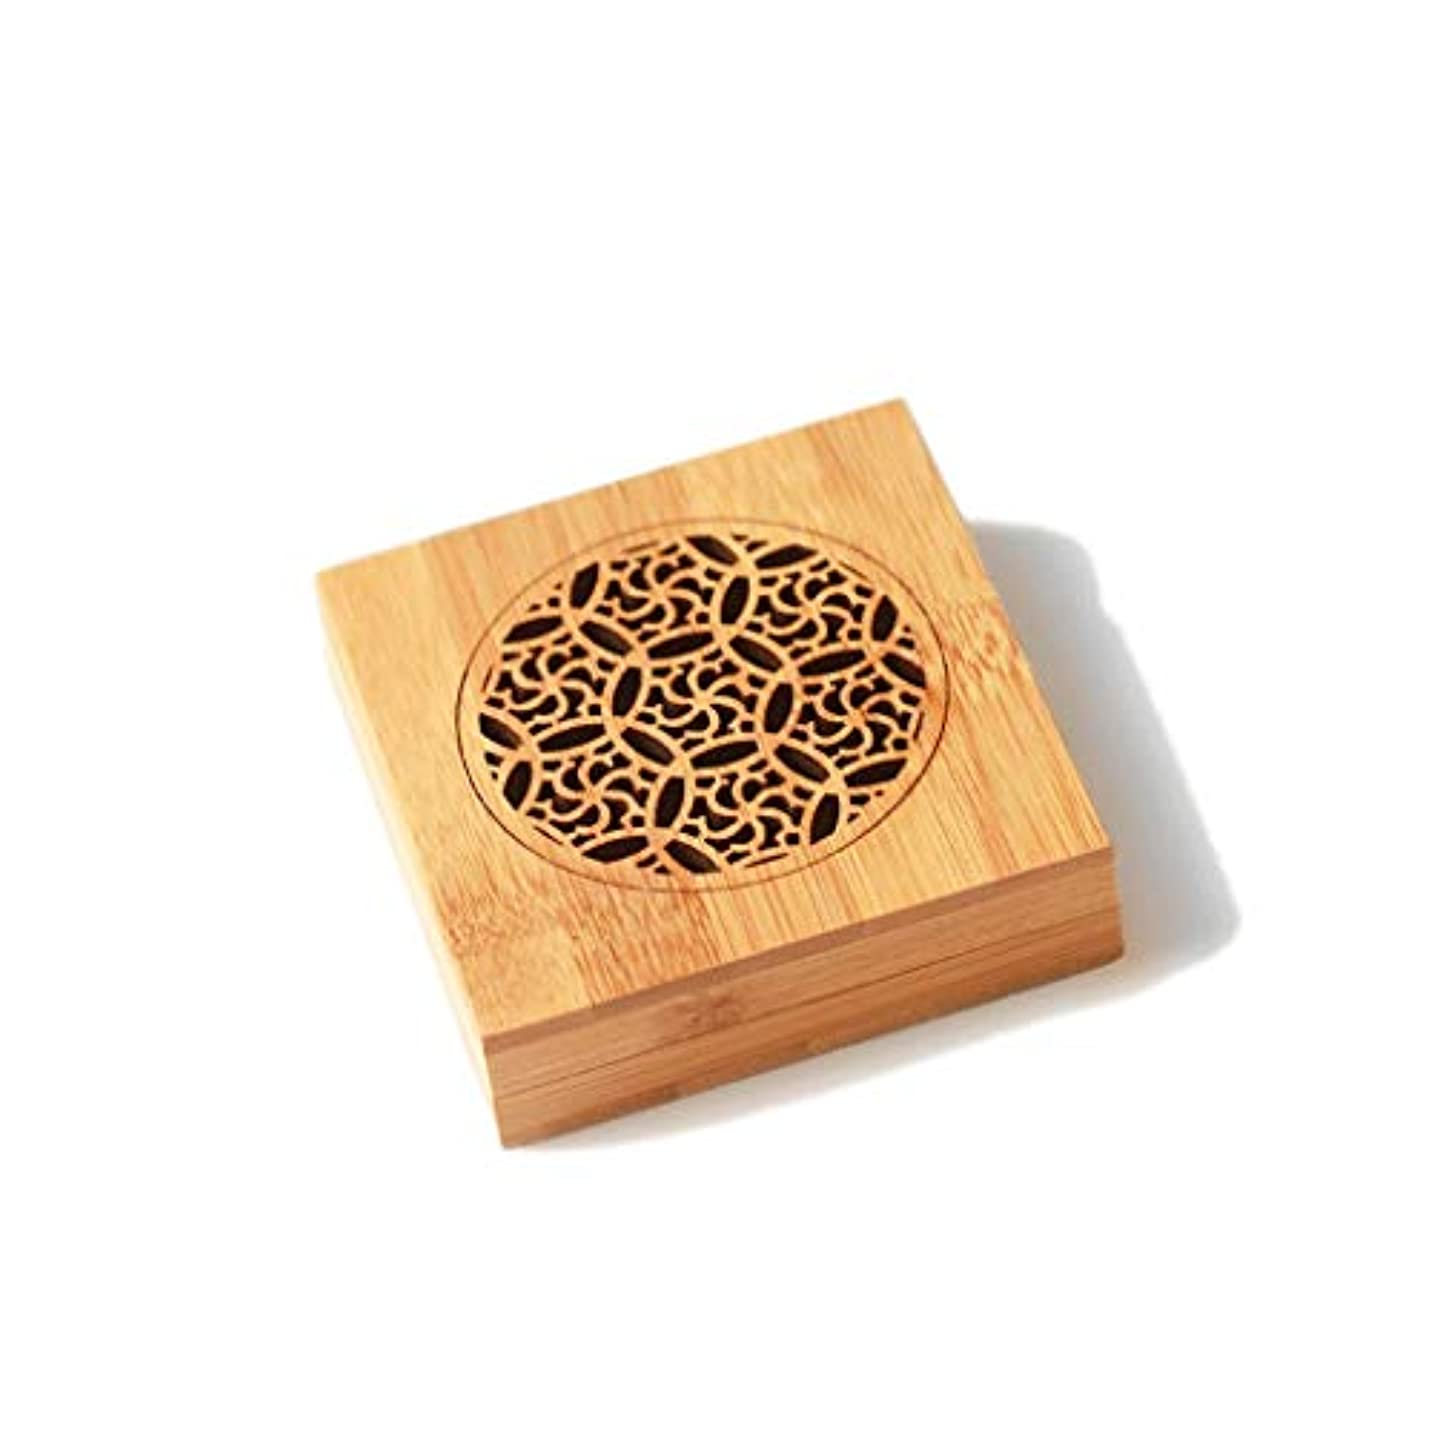 生物学壁紙医学竹の香バーナーコイルの香バーナー部屋の装飾瞑想竹の香り天然素材香ホルダー 芳香器?アロマバーナー (Color : WOOD, サイズ : Square)